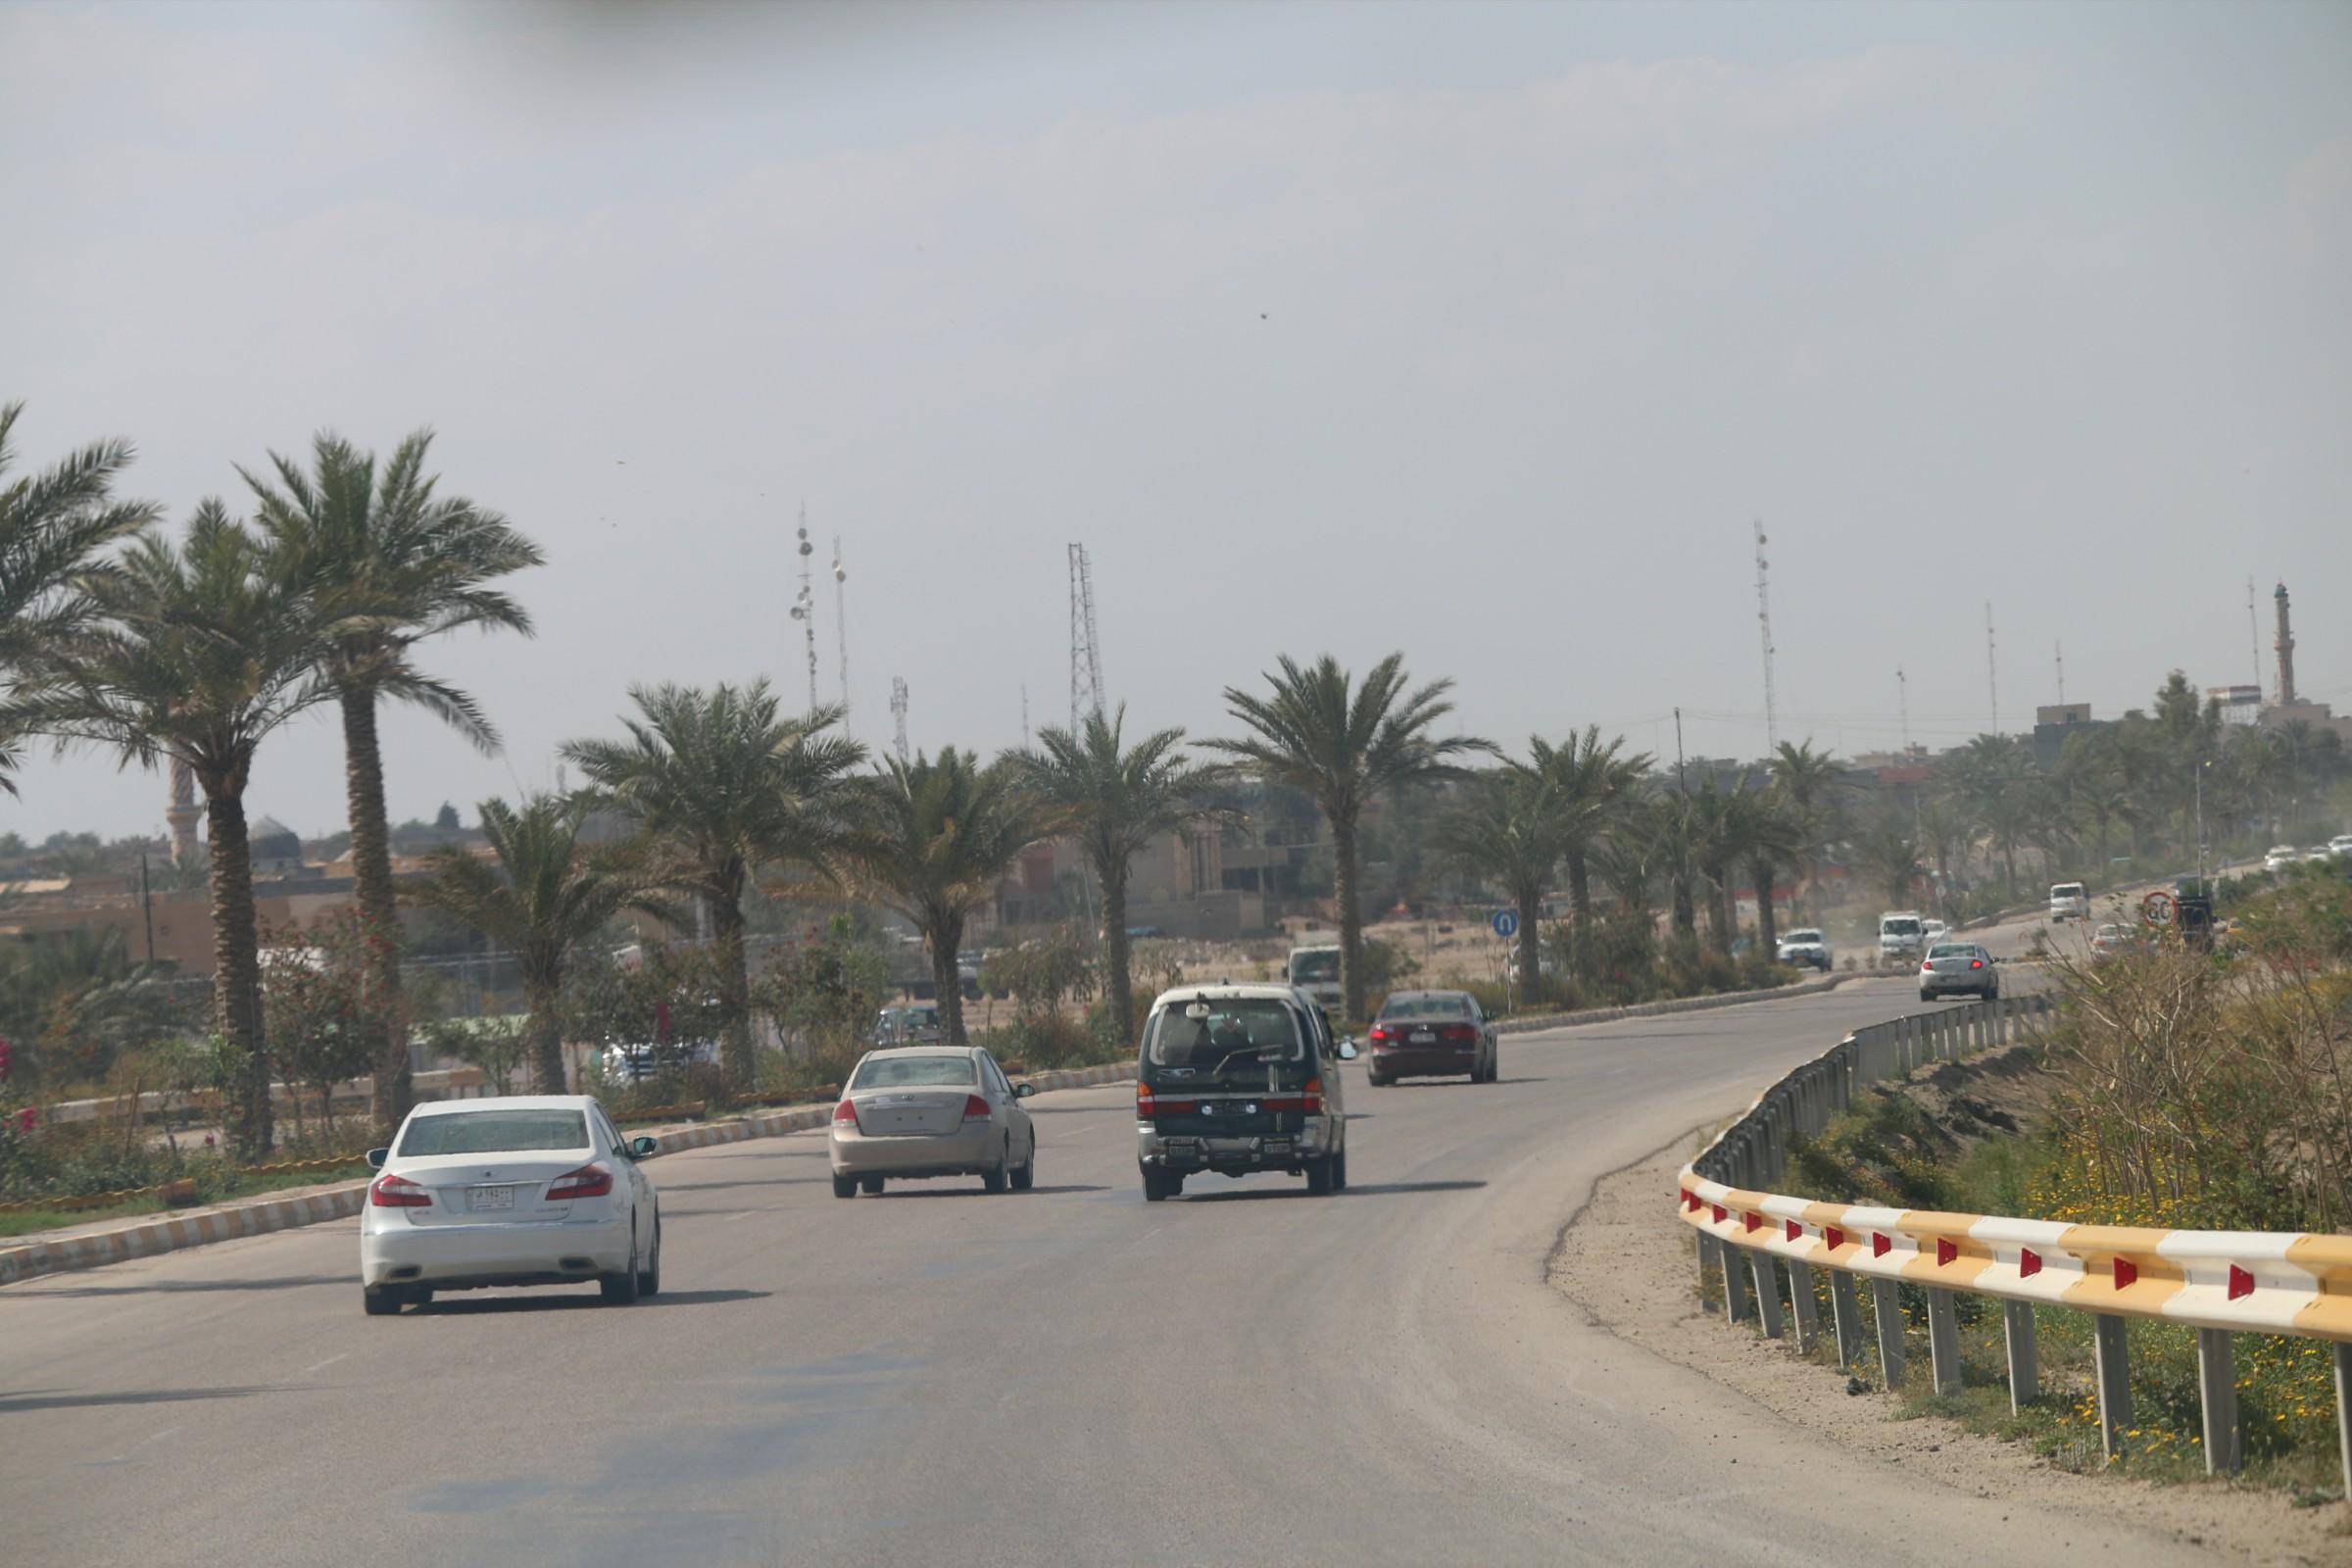 وزارة النفط تغلق محطات وقود تعود لعوائل وأعضاء في مجلس الانبار